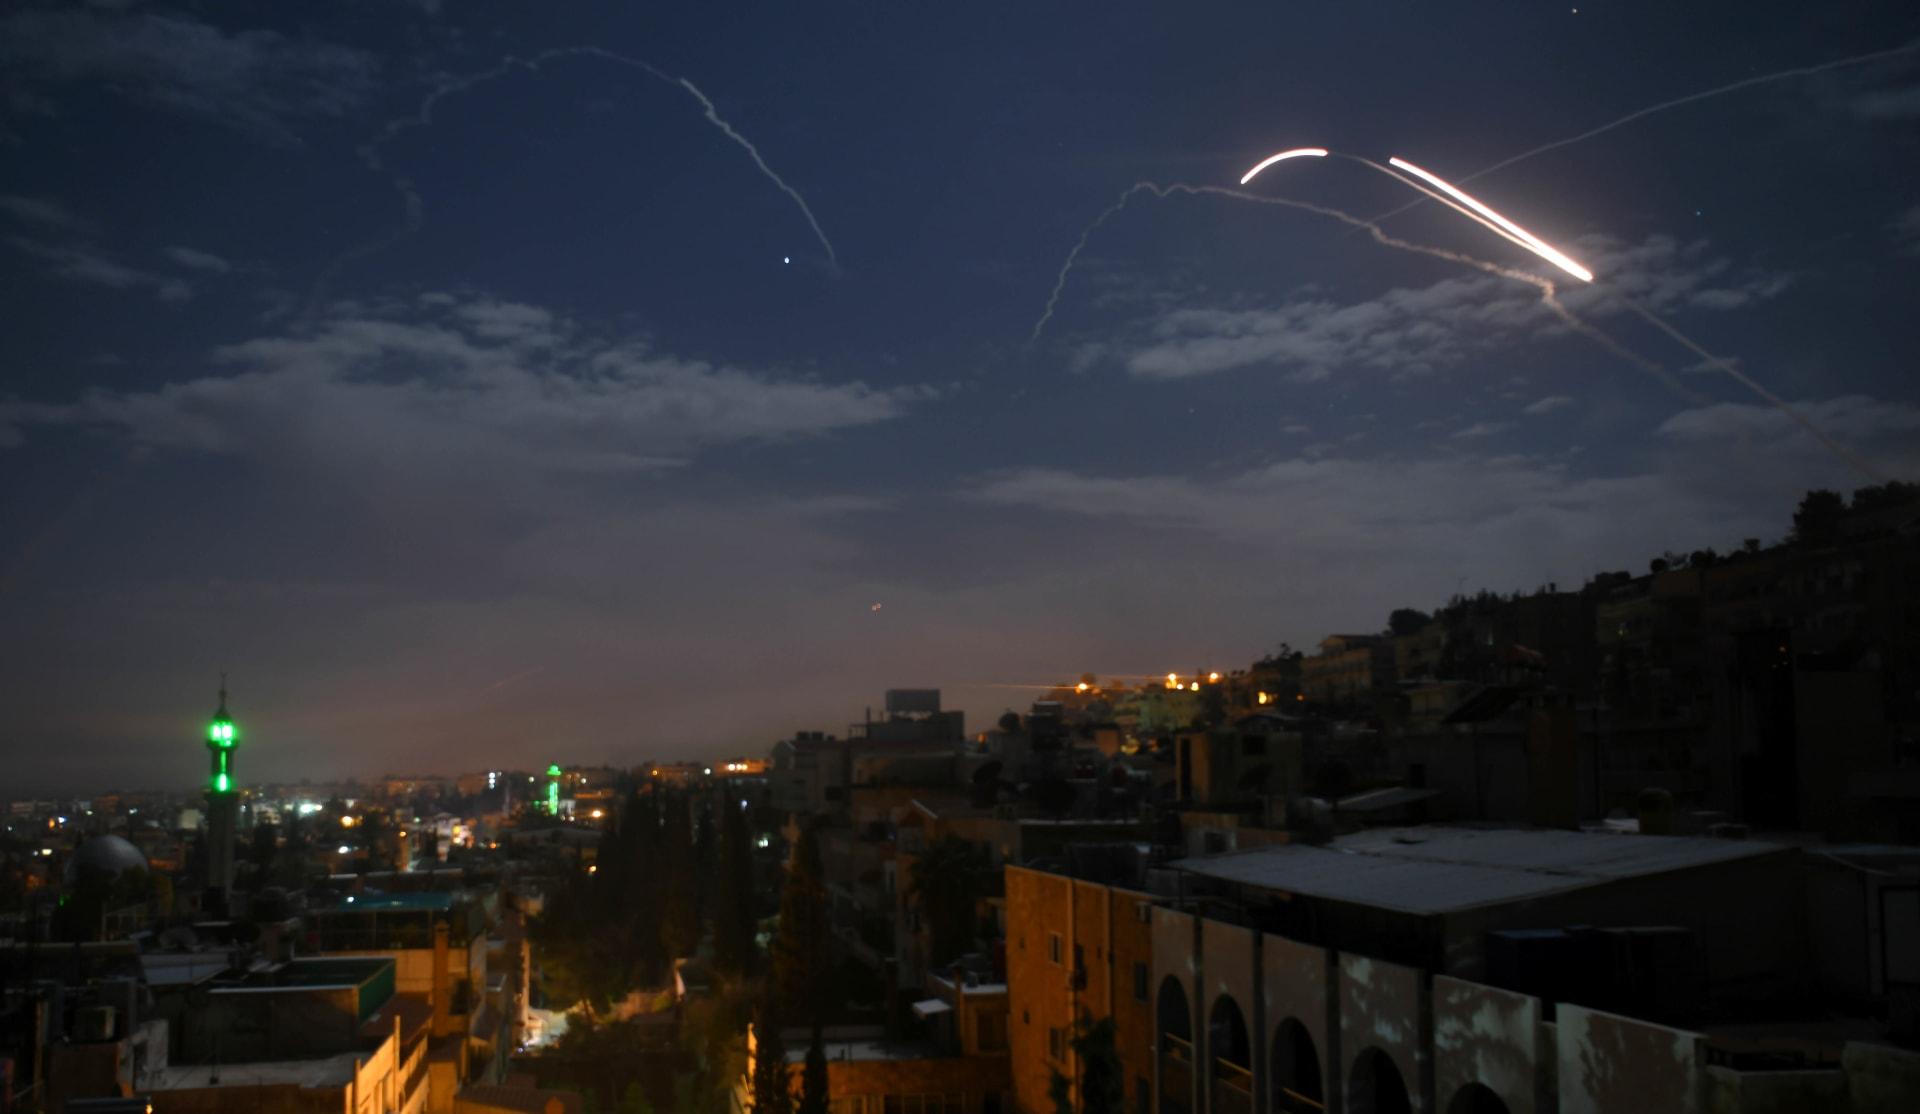 إسرائيل تعلن أهداف عسكرية سورية ضربتها غارات جوية جنوب البلاد